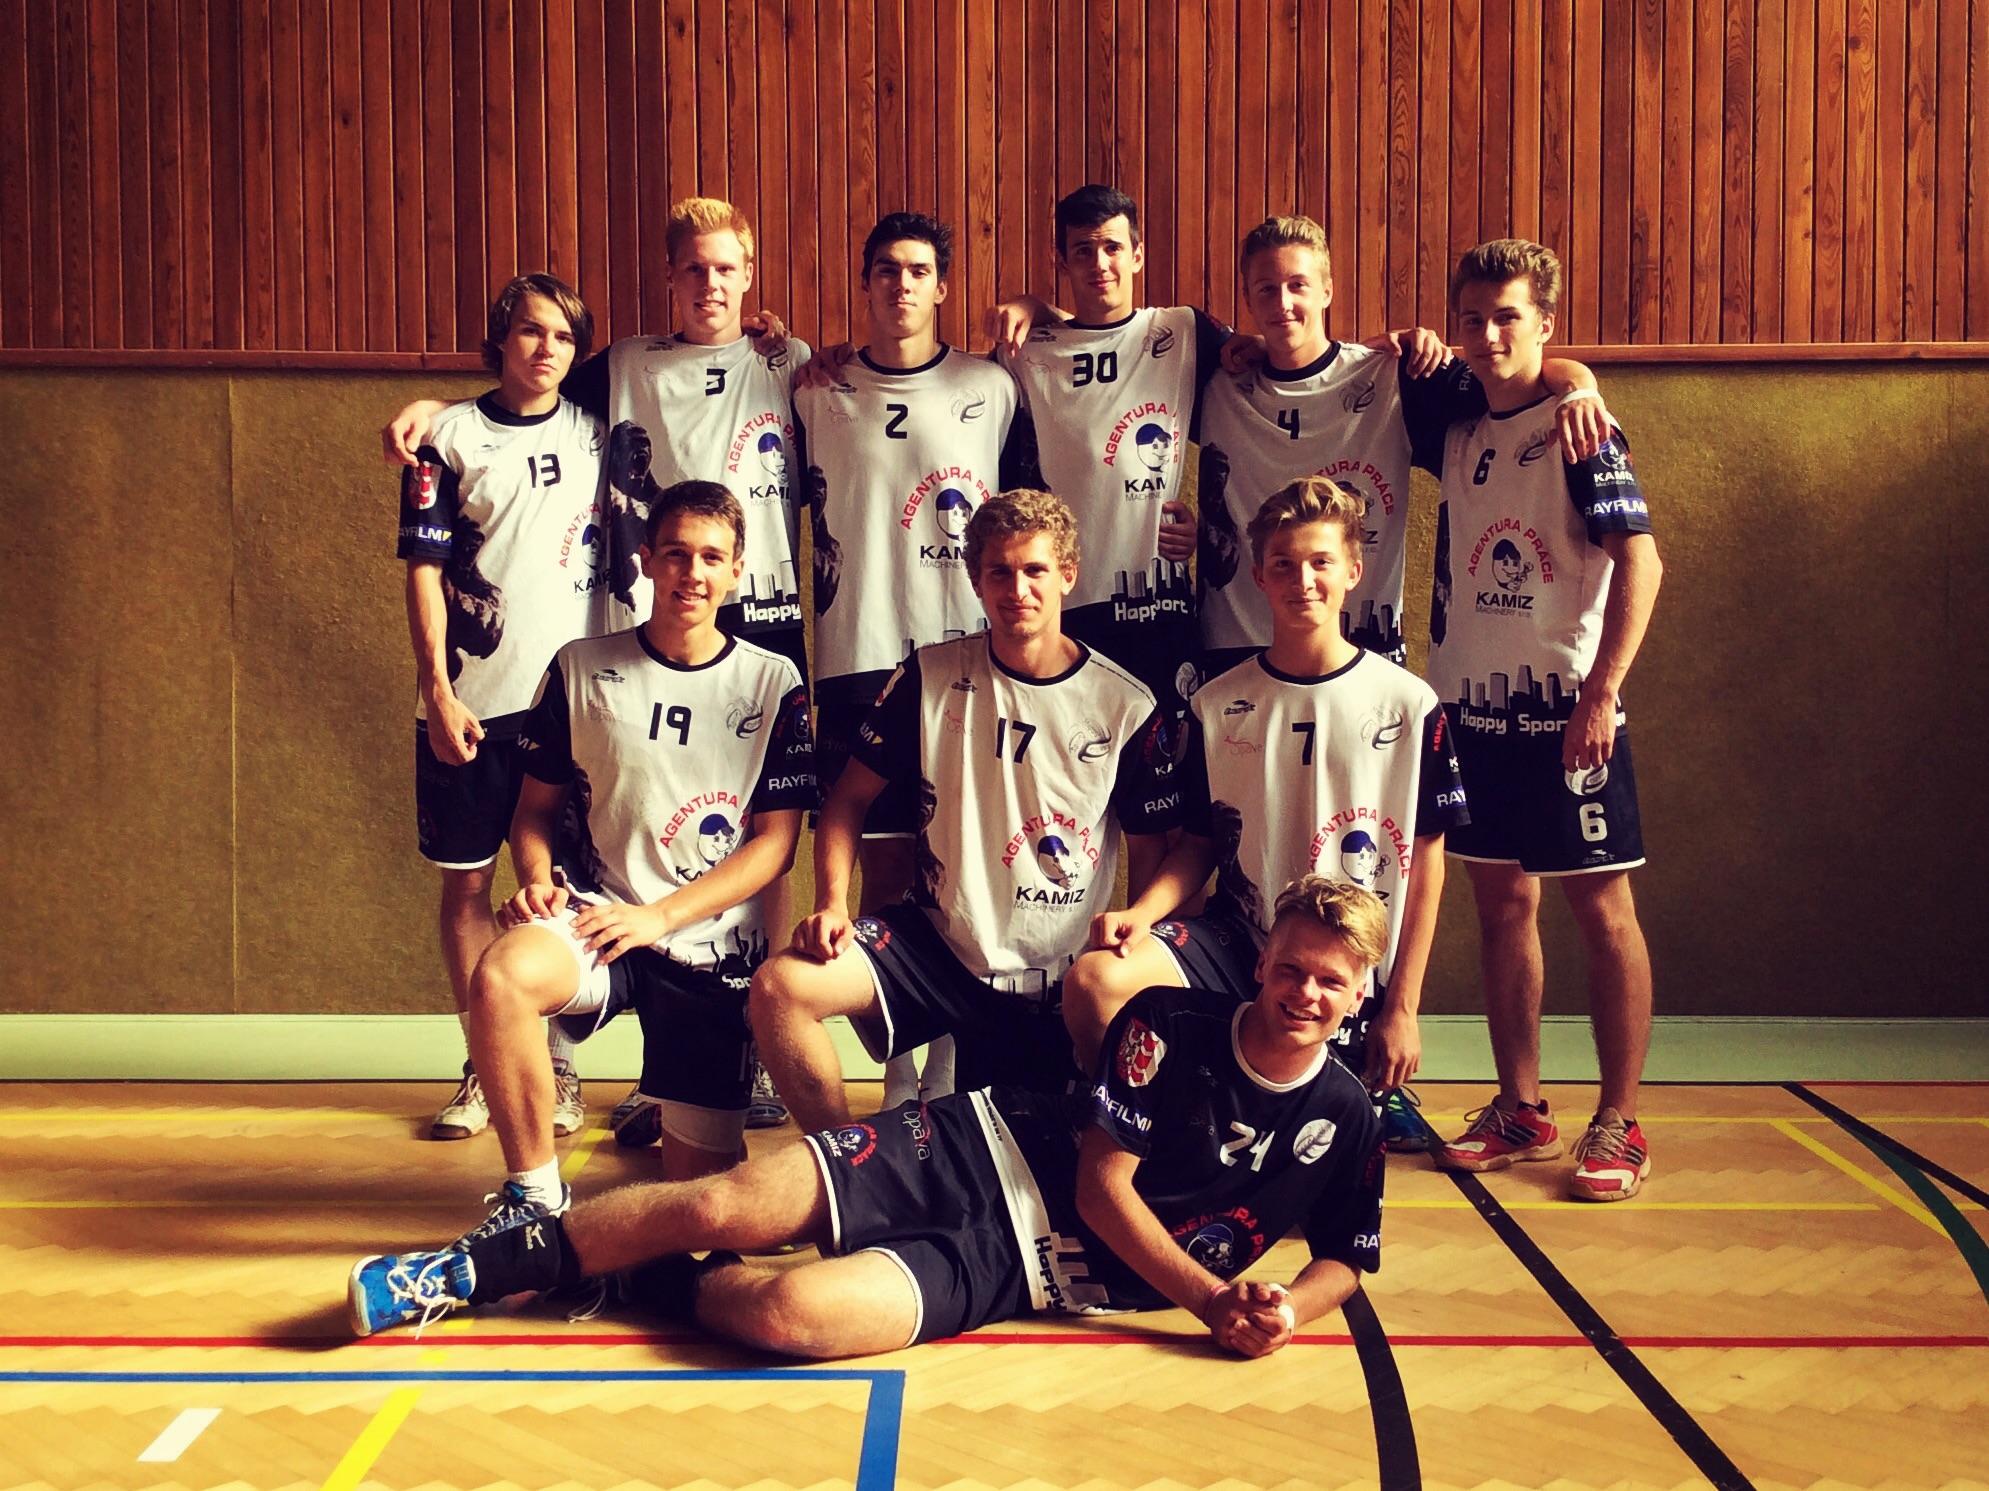 Liga juniorů, 19.9.2015 proti Znojmu